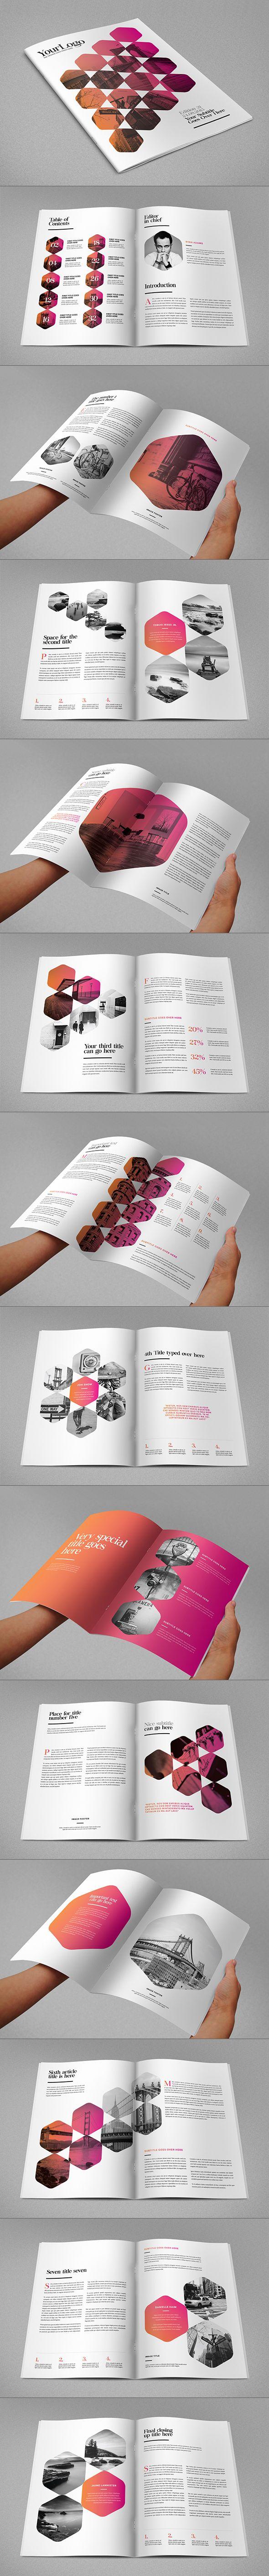 Me parece un diseño de catálogo interesante por la distribución de imágenes con el texto , me llama mucho la atención que todas las imágenes tengan el filtro del mismo color y la forma del contorno de la imágenes, hacen que sea mucho mas atractiva la lectura.